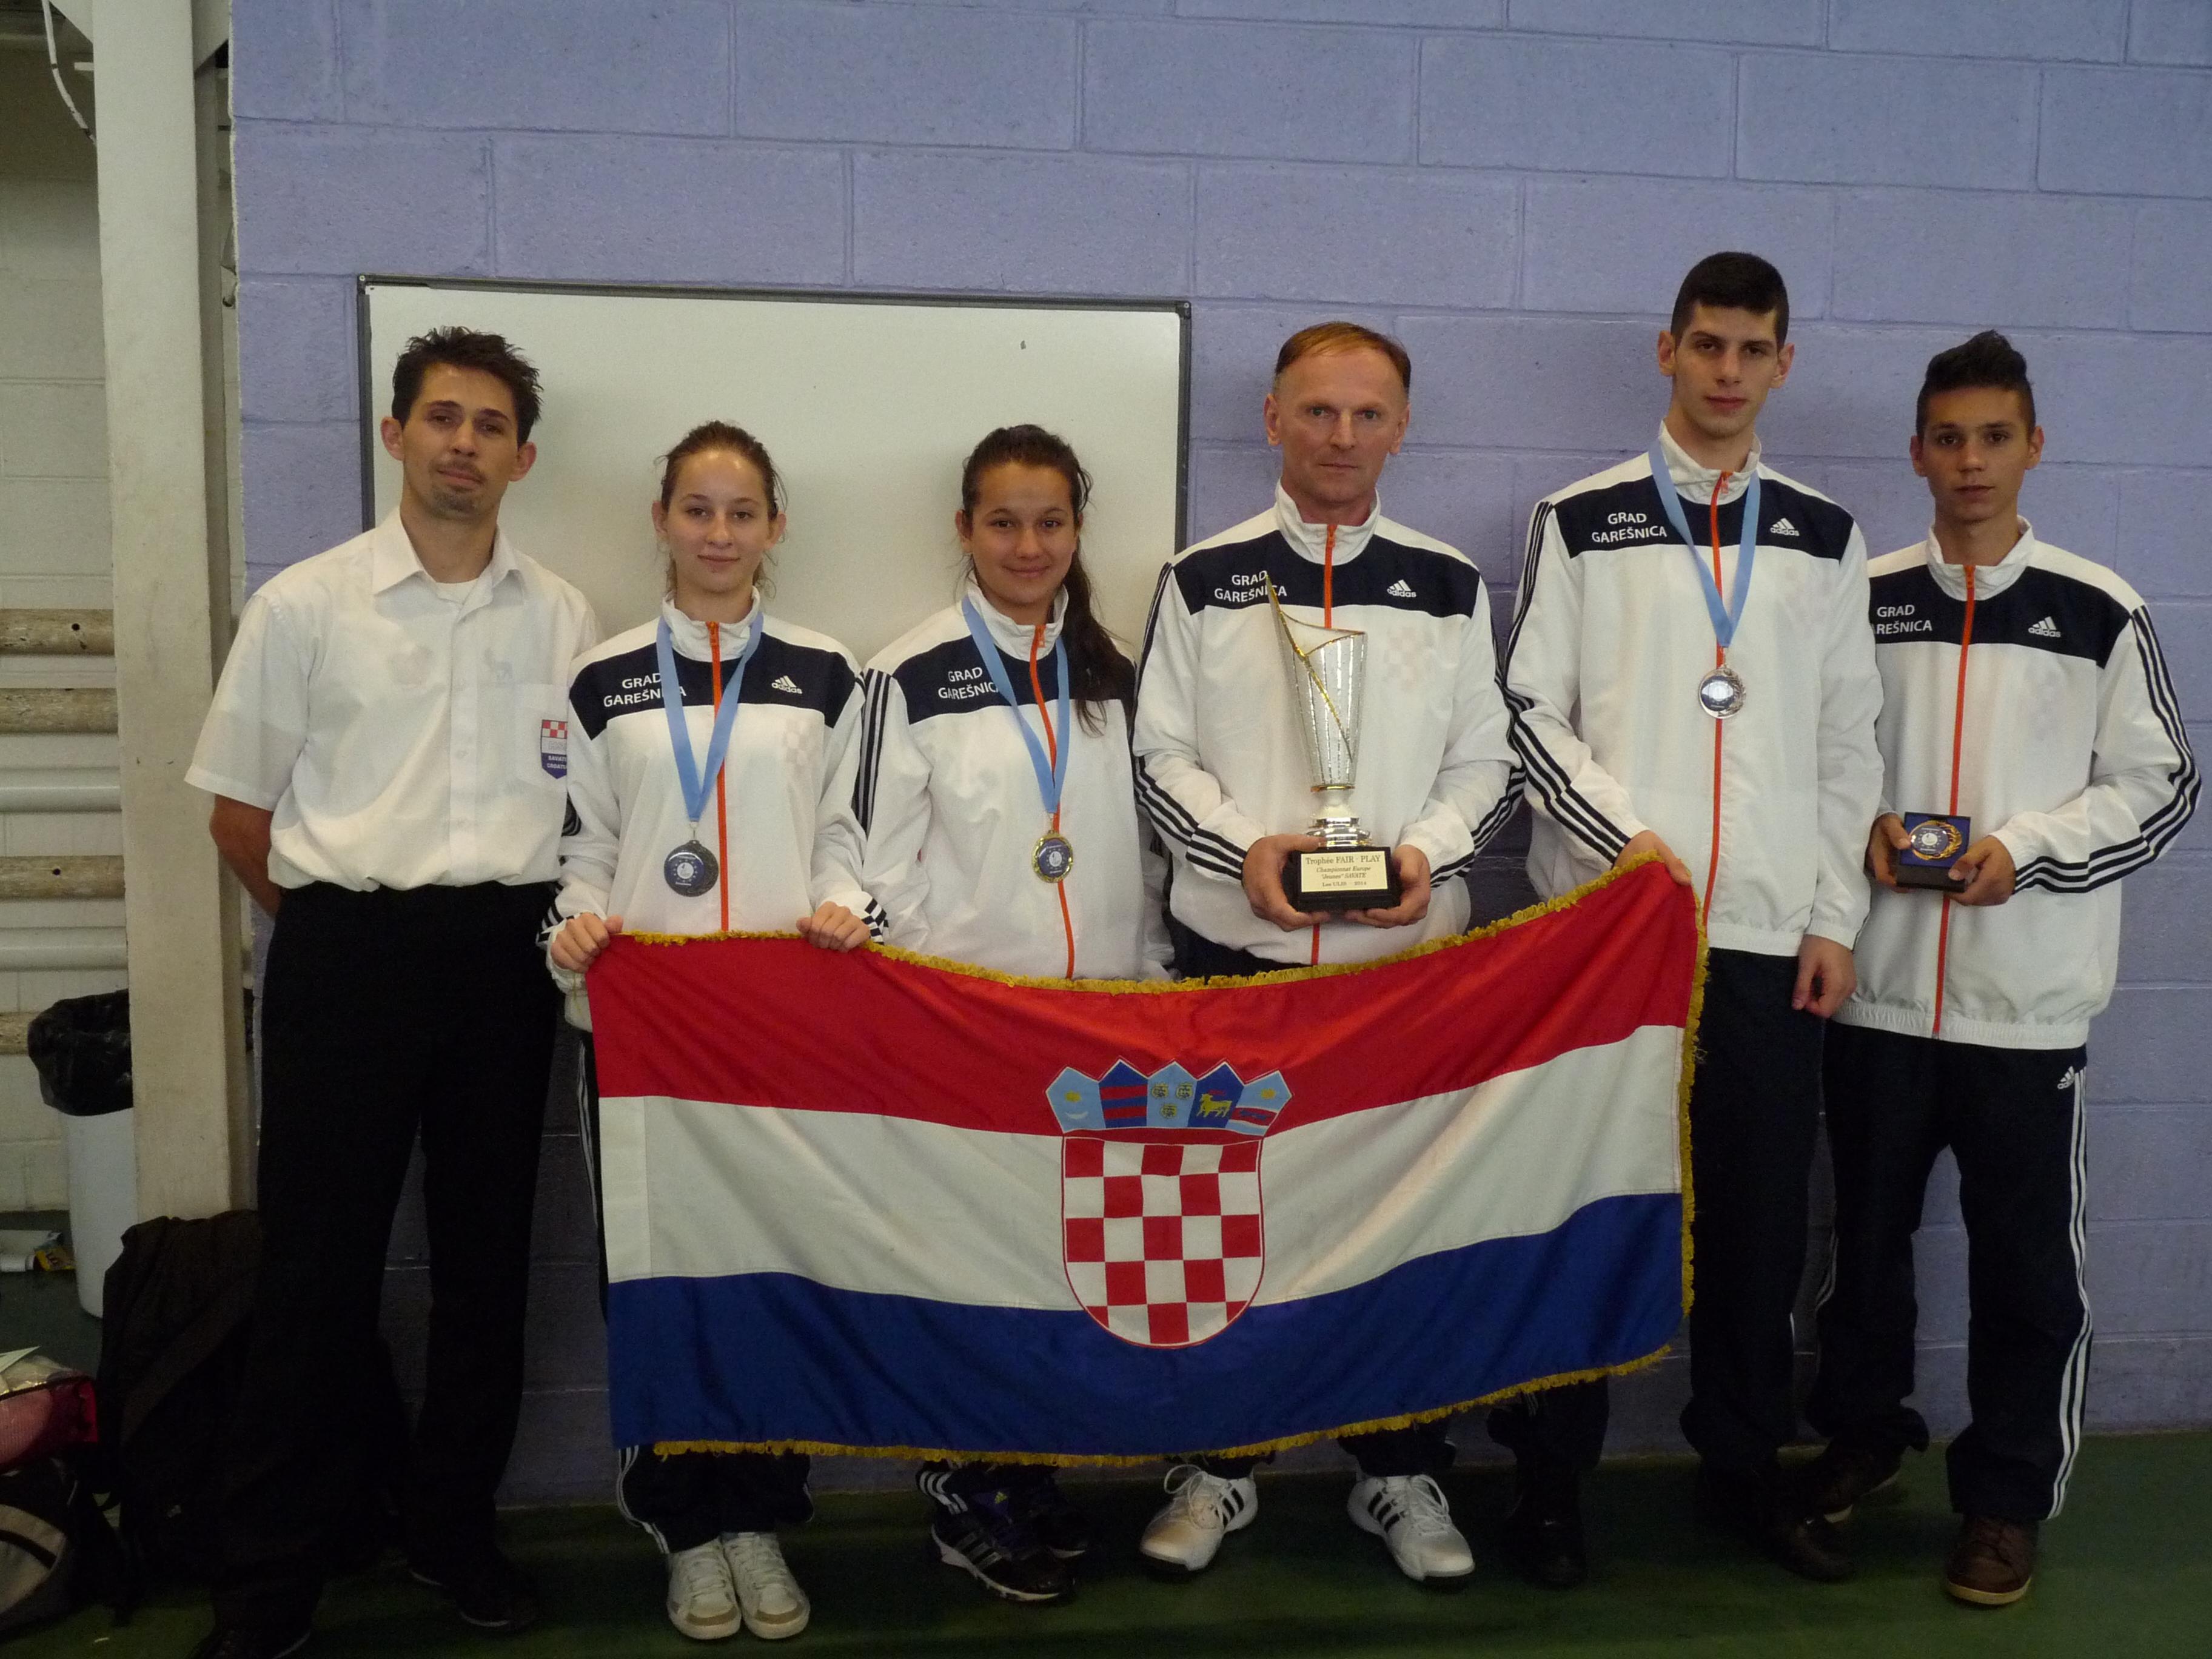 SAVATE – Finalne borbe europskog prvenstva u combat savateu za seniore; Pariz, 29.11.2014.